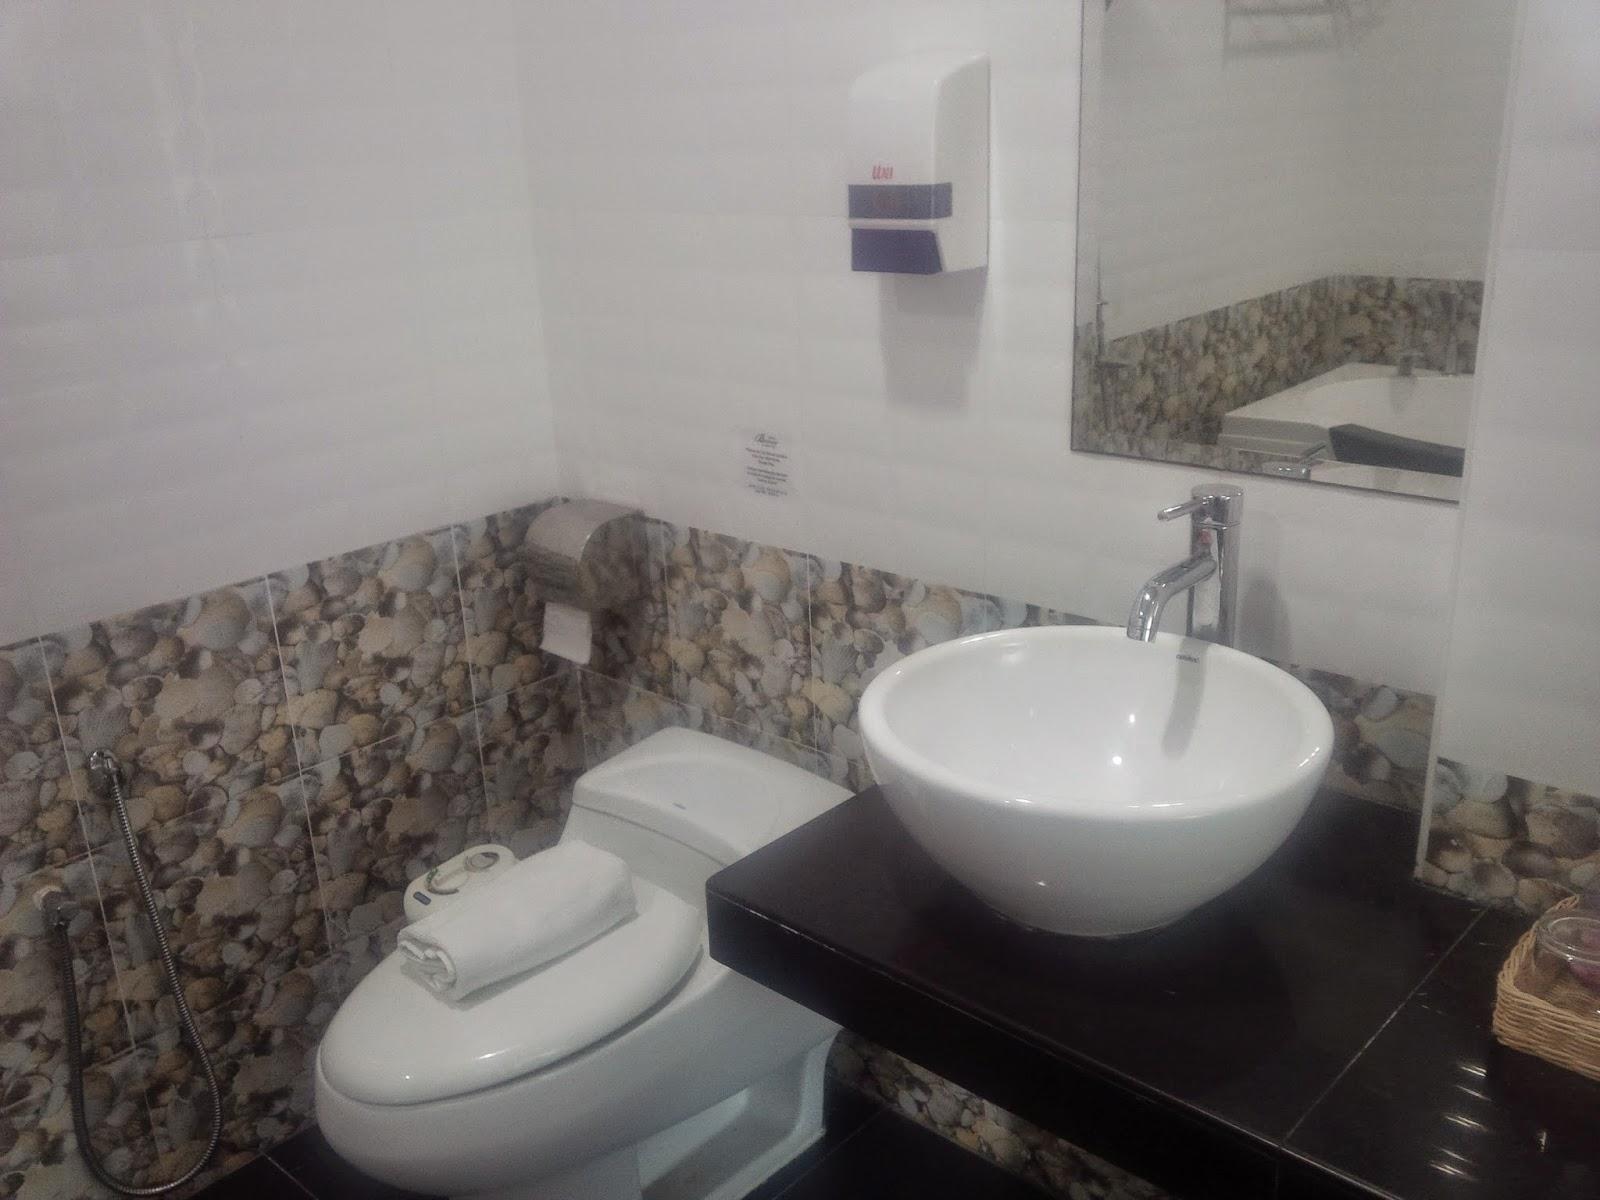 hotels, bahagia hotel langkawi, 3 stars hotel langkawi, jaccuzzi hotel, kuah hotel.